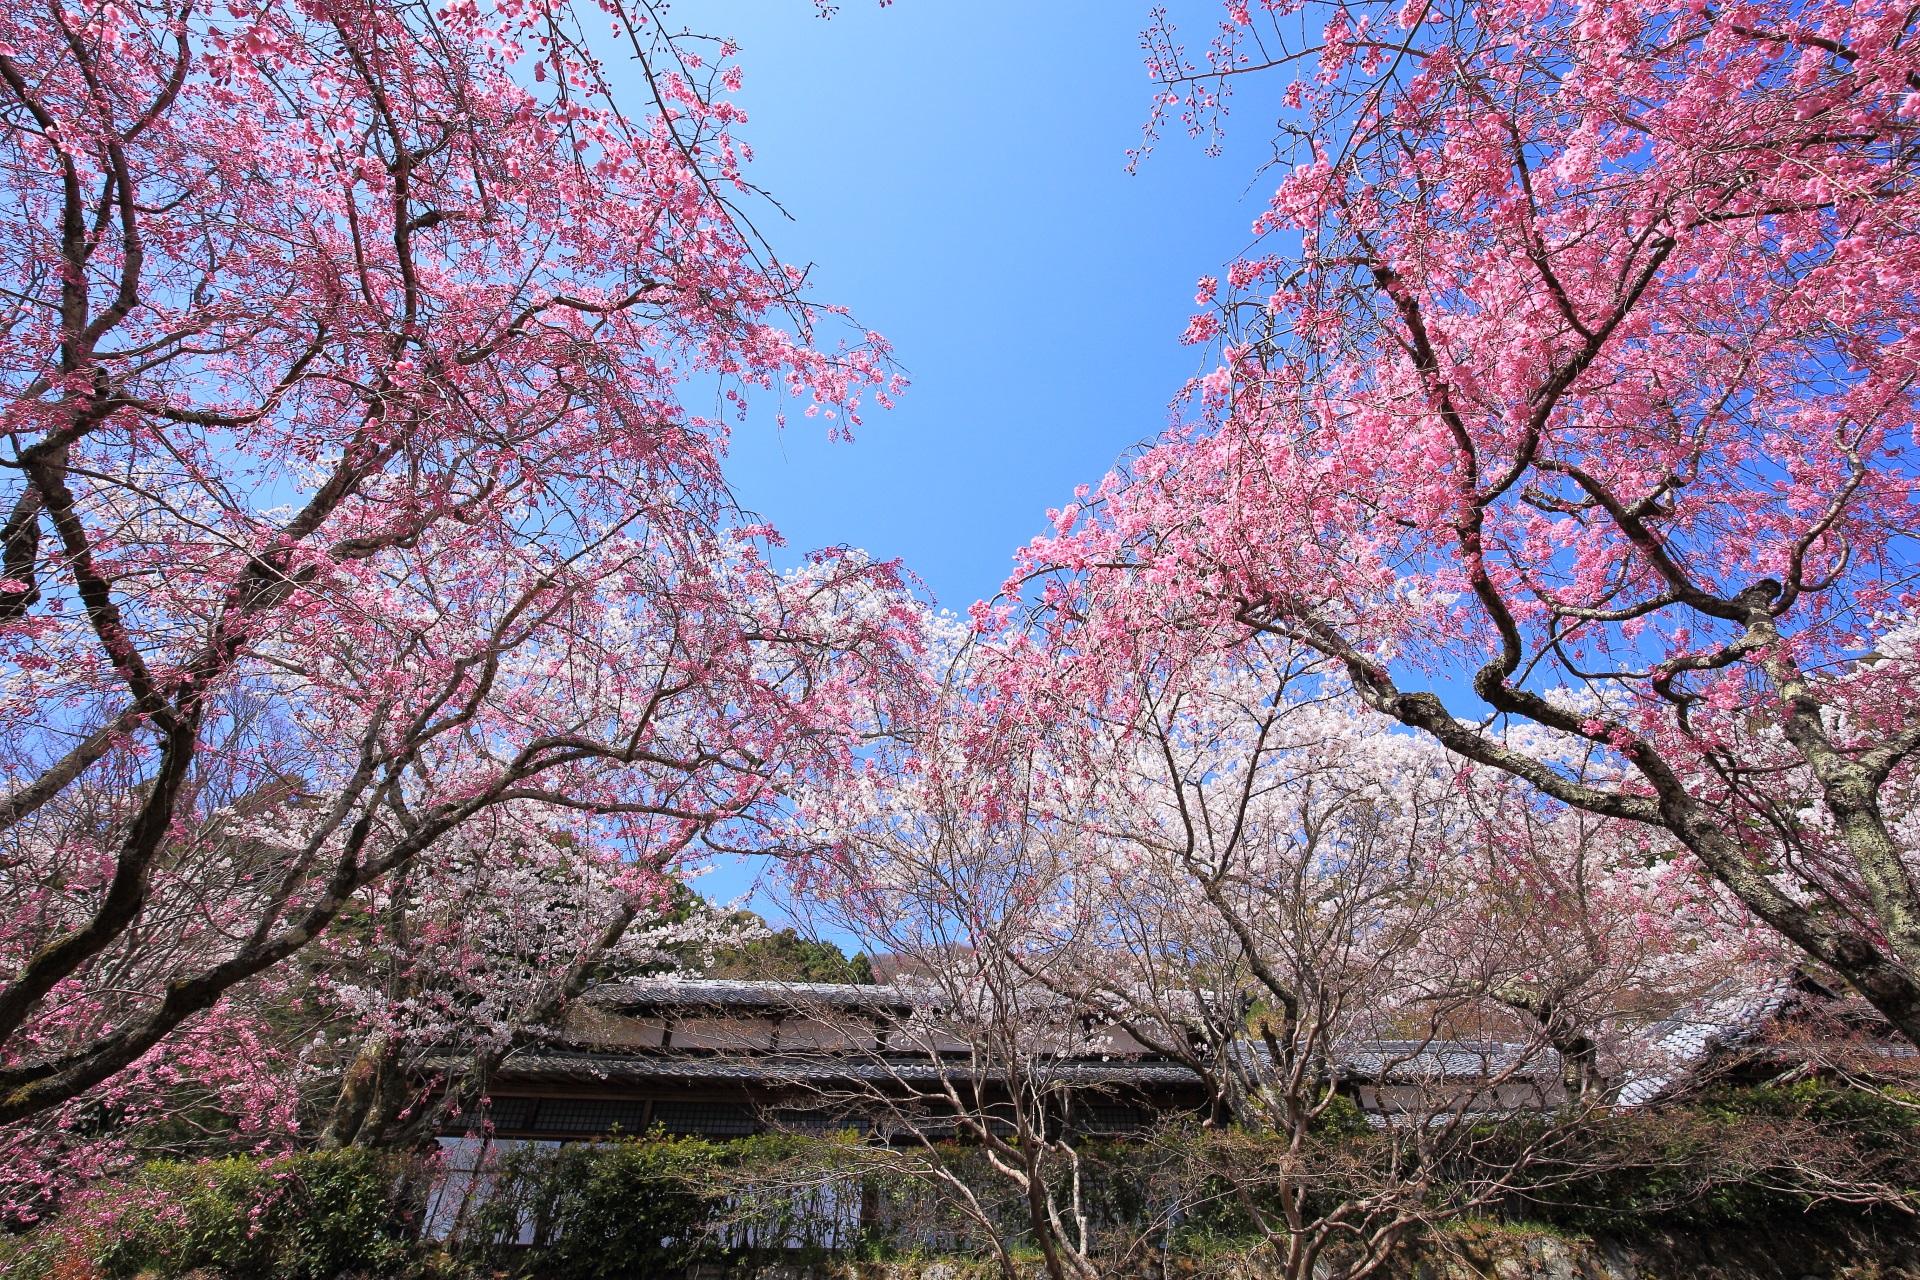 美しすぎる春色に染まる勝持寺の桜ヶ丘